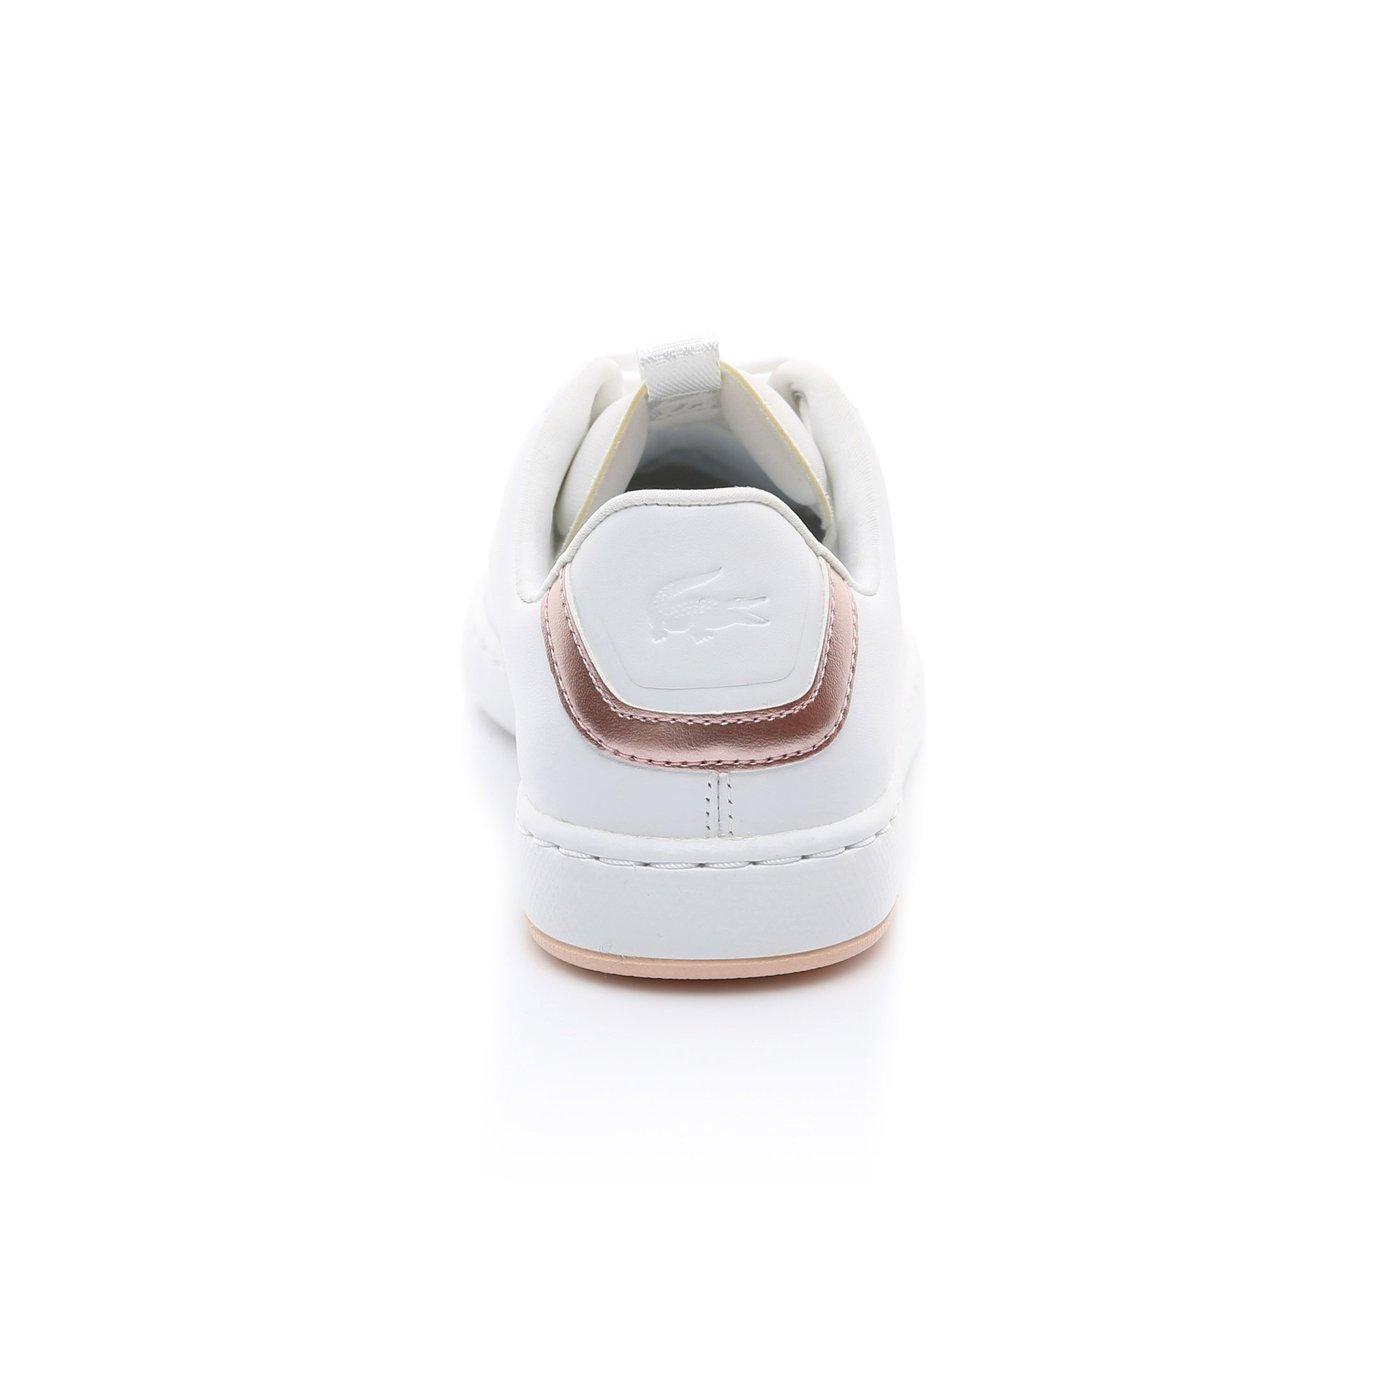 Lacoste Kadın Beyaz - Açık Pembe Carnaby Evo Light-Wt 1193 Spor Ayakkabı